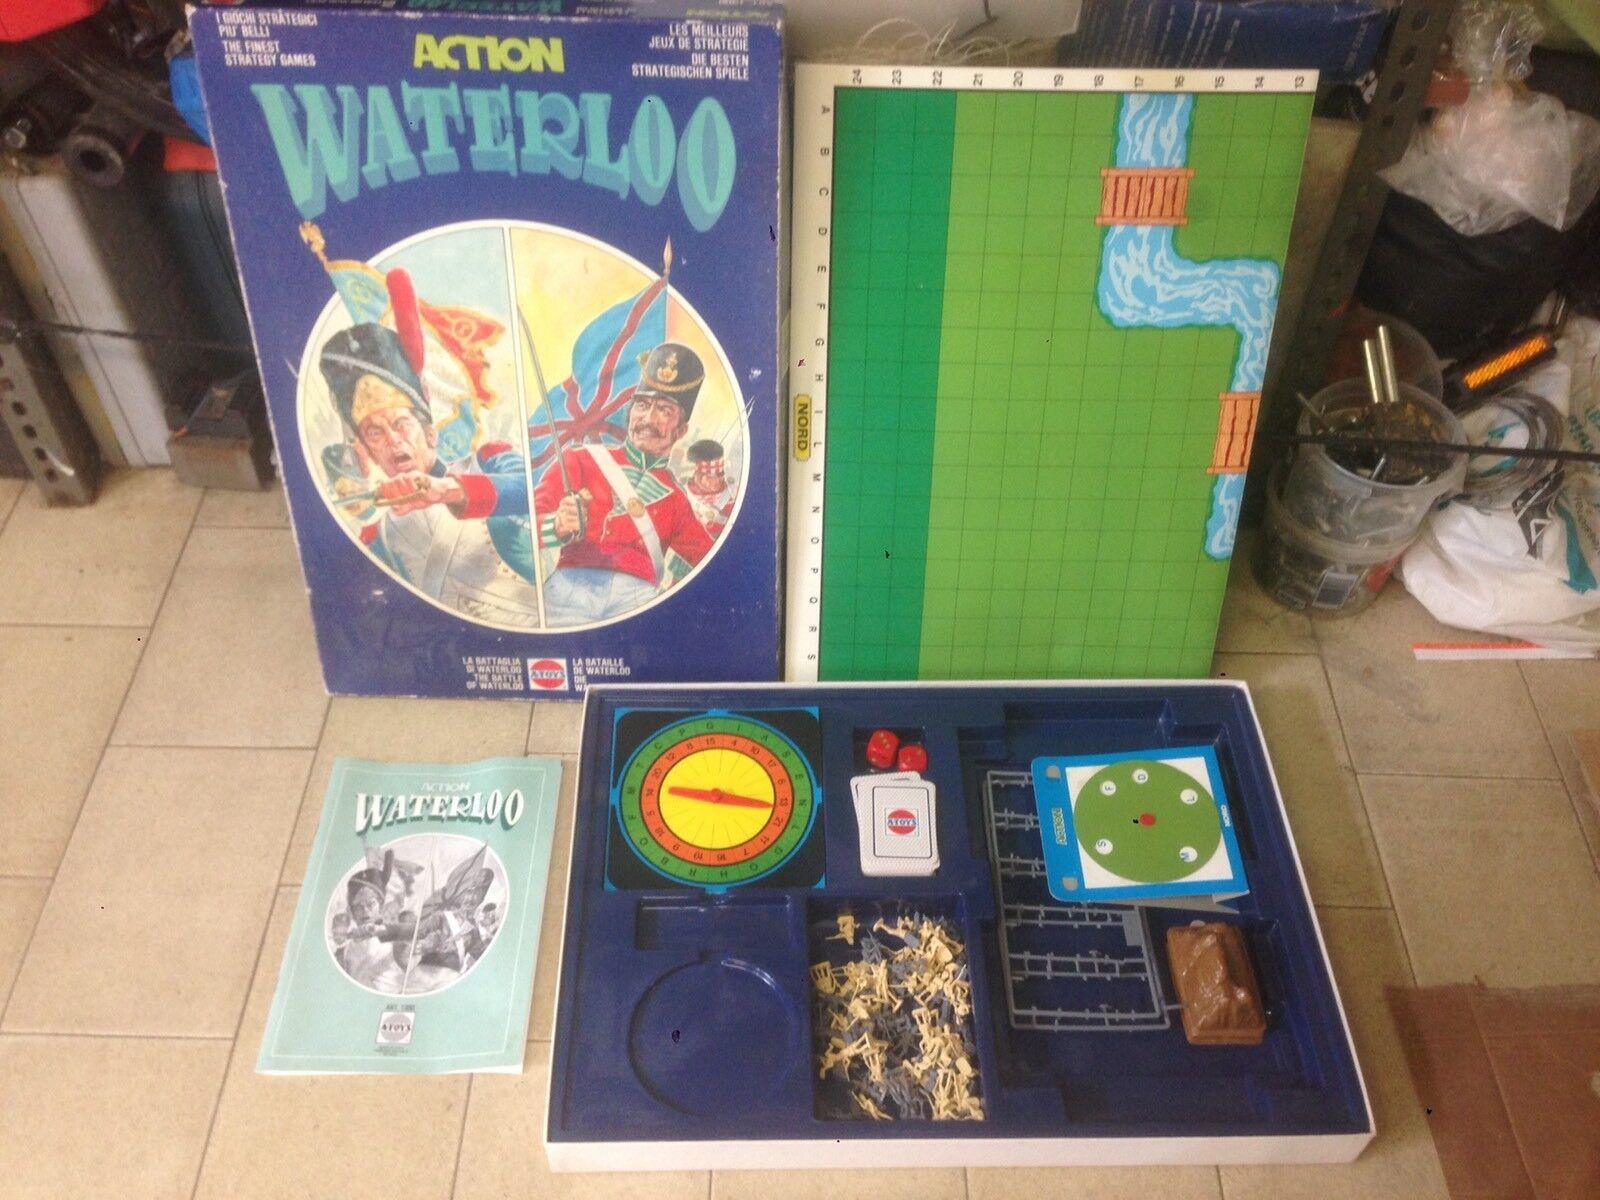 Waterloo A-toys Action Gioco Da Tavolo Board Game 1985 Made In  Atoys